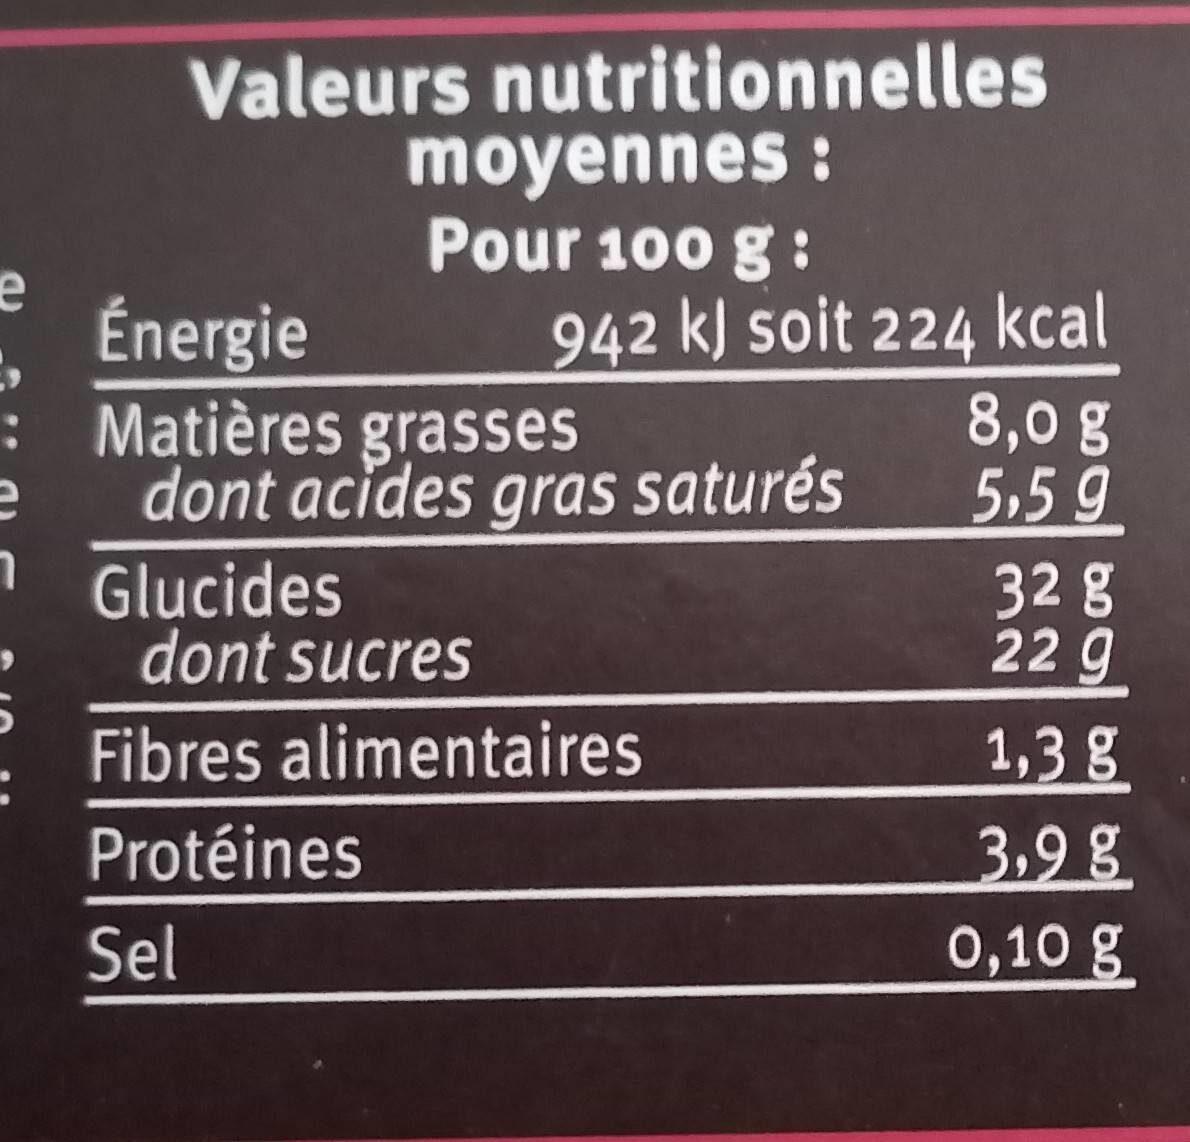 Dessert pâtissier au mascarpone avec préparation aux cerises aromatisée 22% et génoise saupoudré de cacao - Nutrition facts - fr